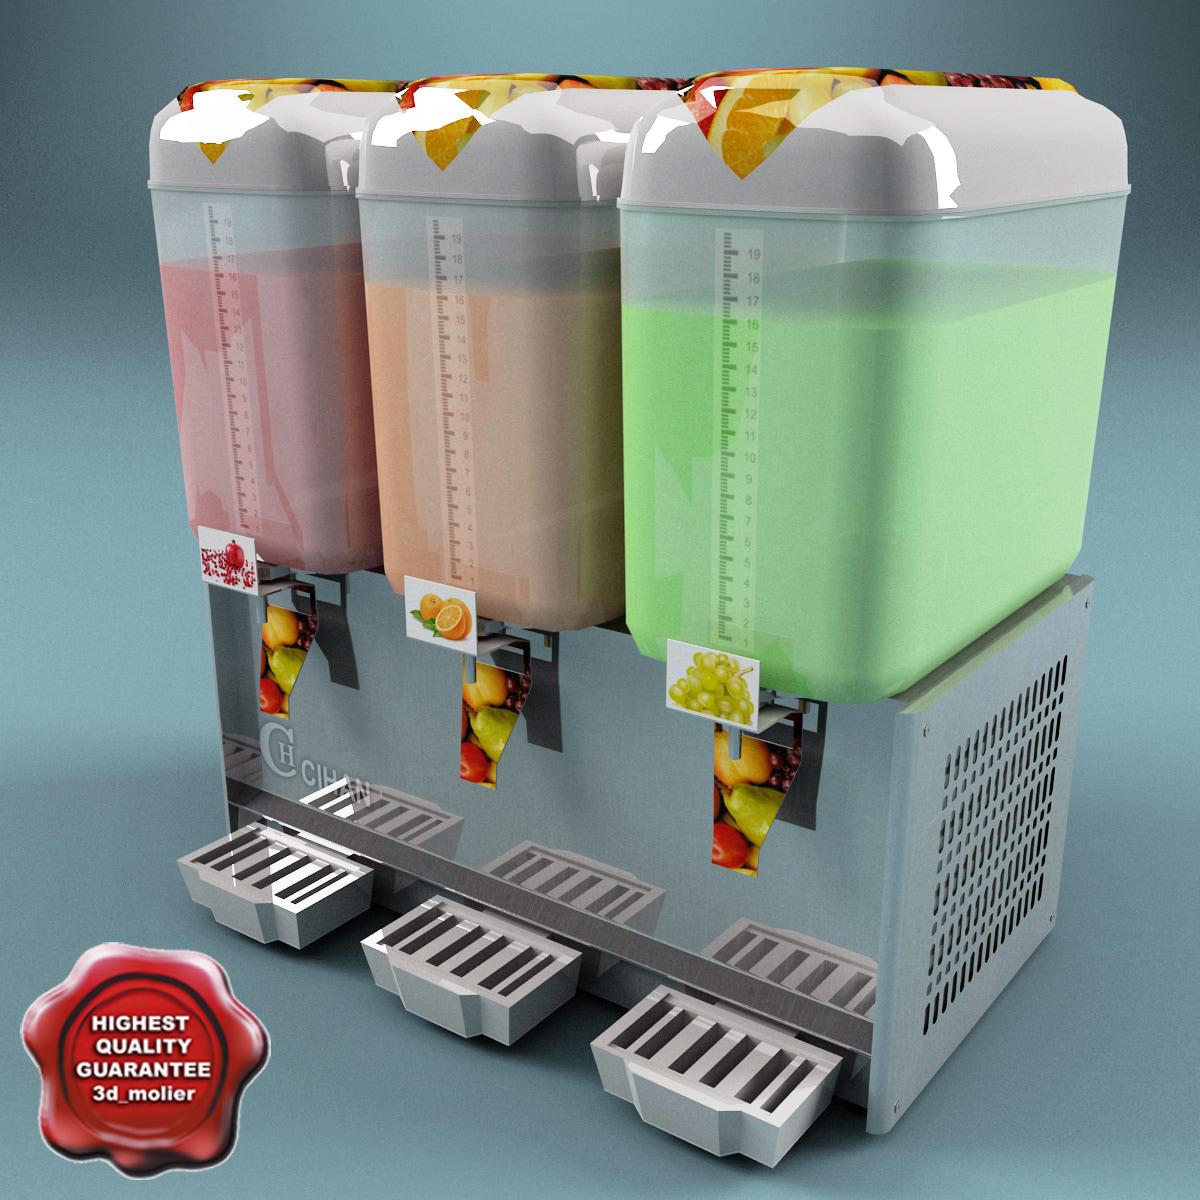 Cold_Drink_Dispenser_V2_00.jpg